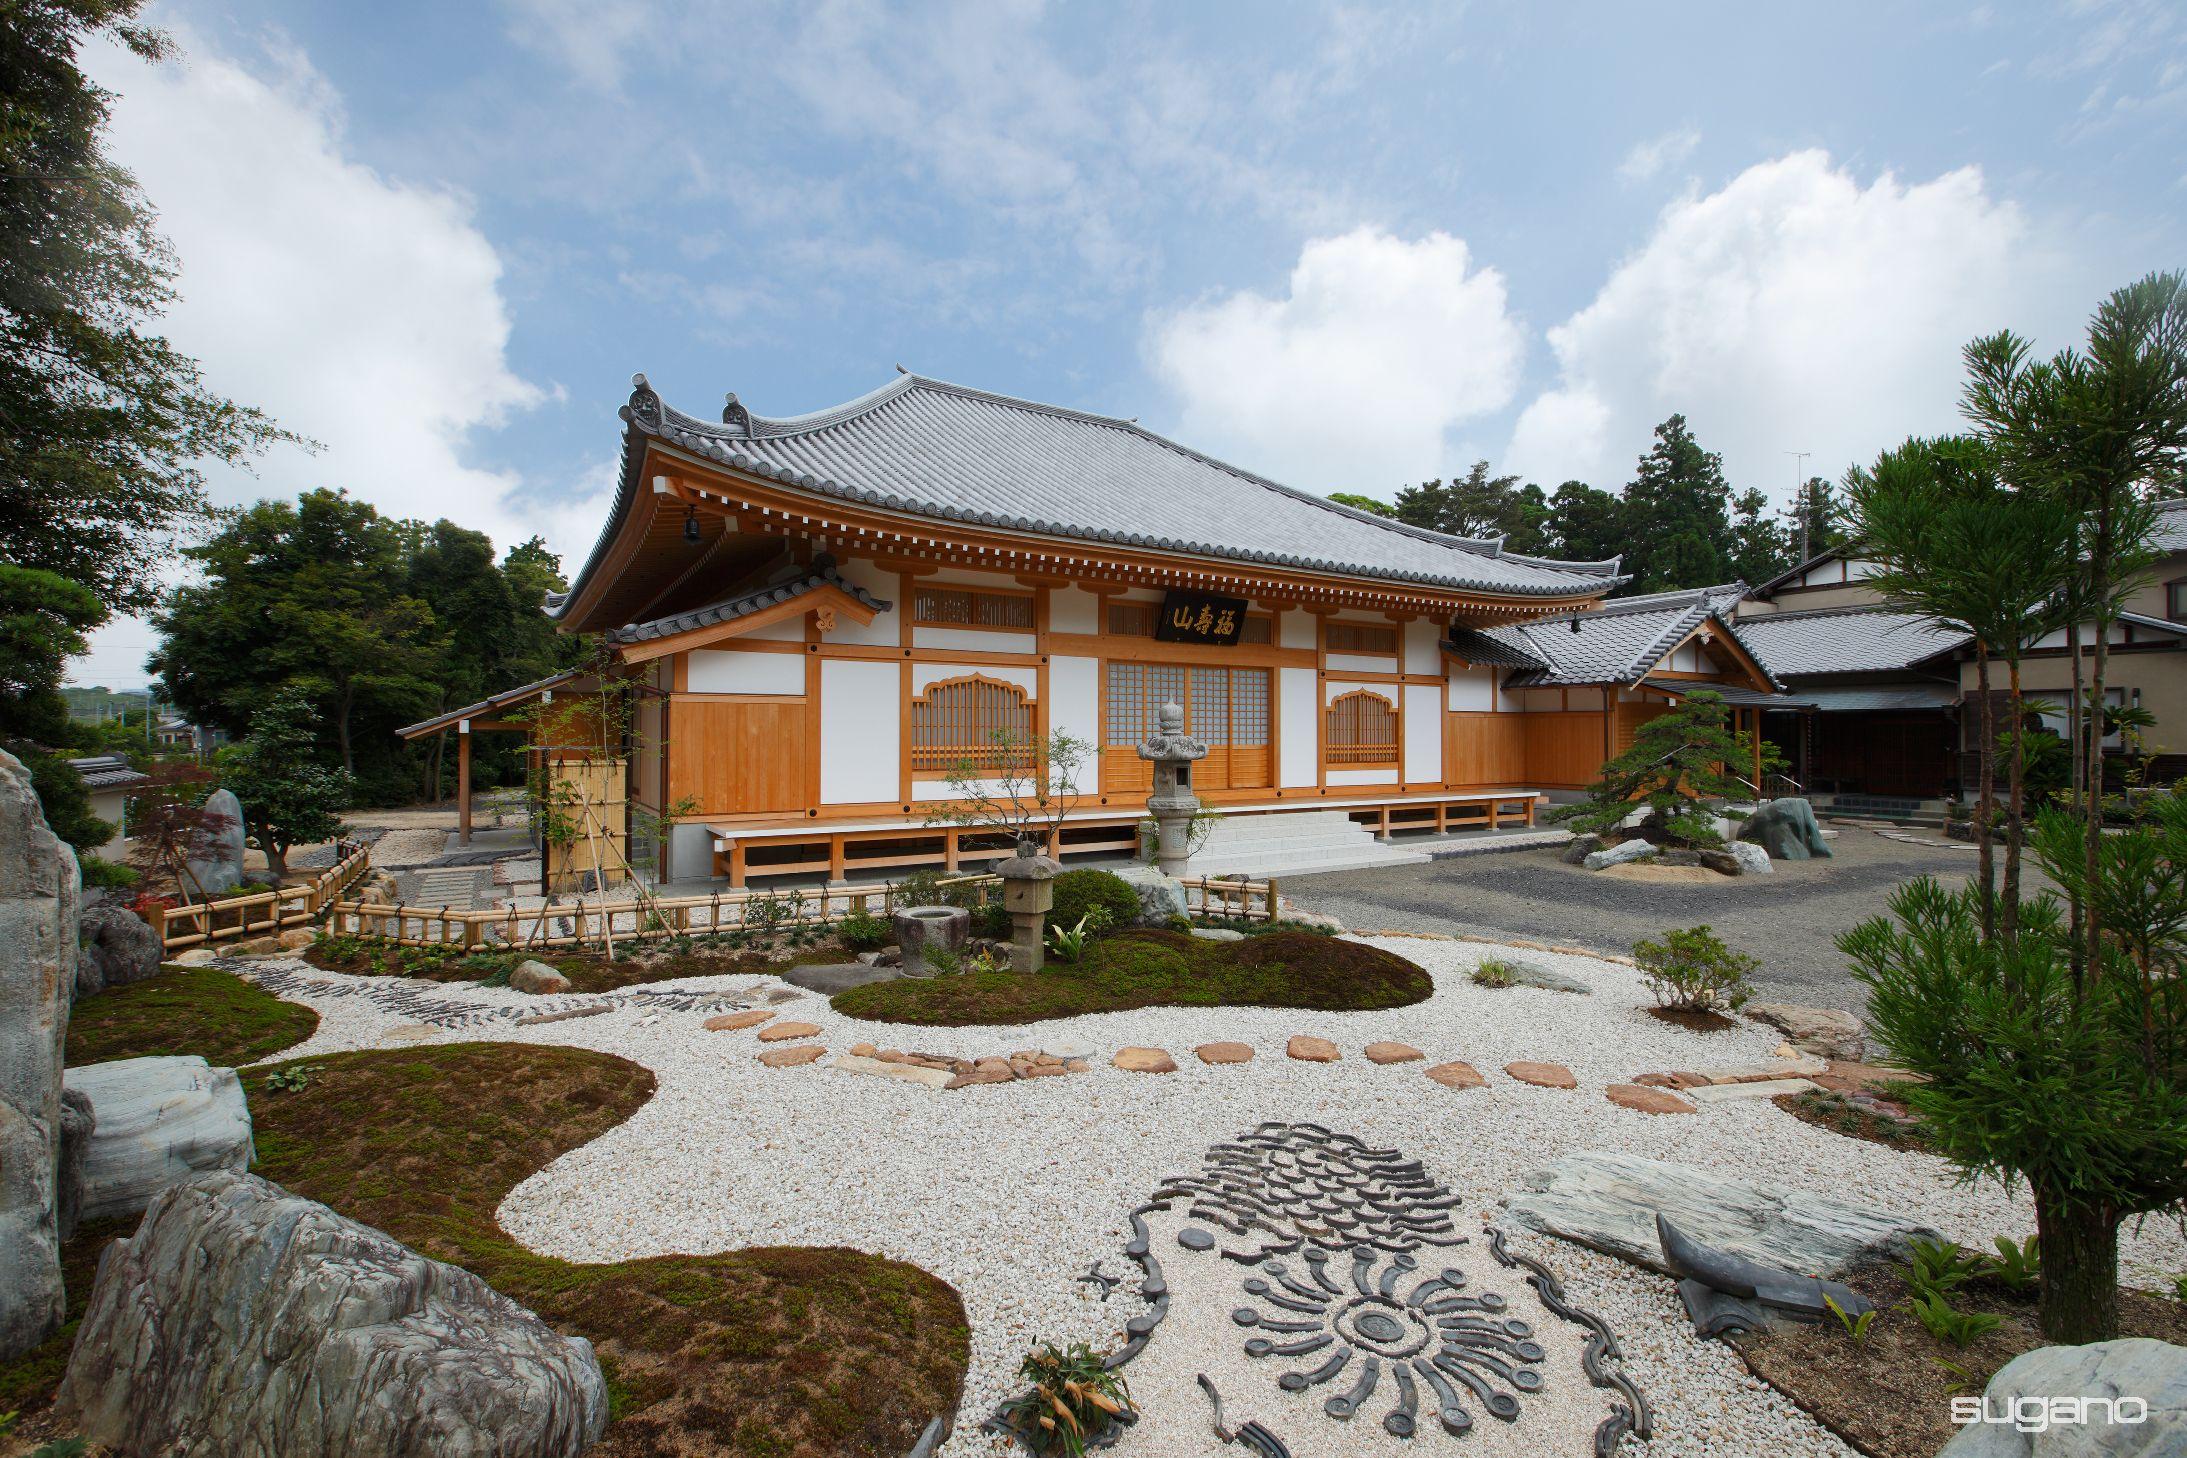 木造本堂の総軒反りの屋根の曲線が美しい 和風建築 寺 本堂